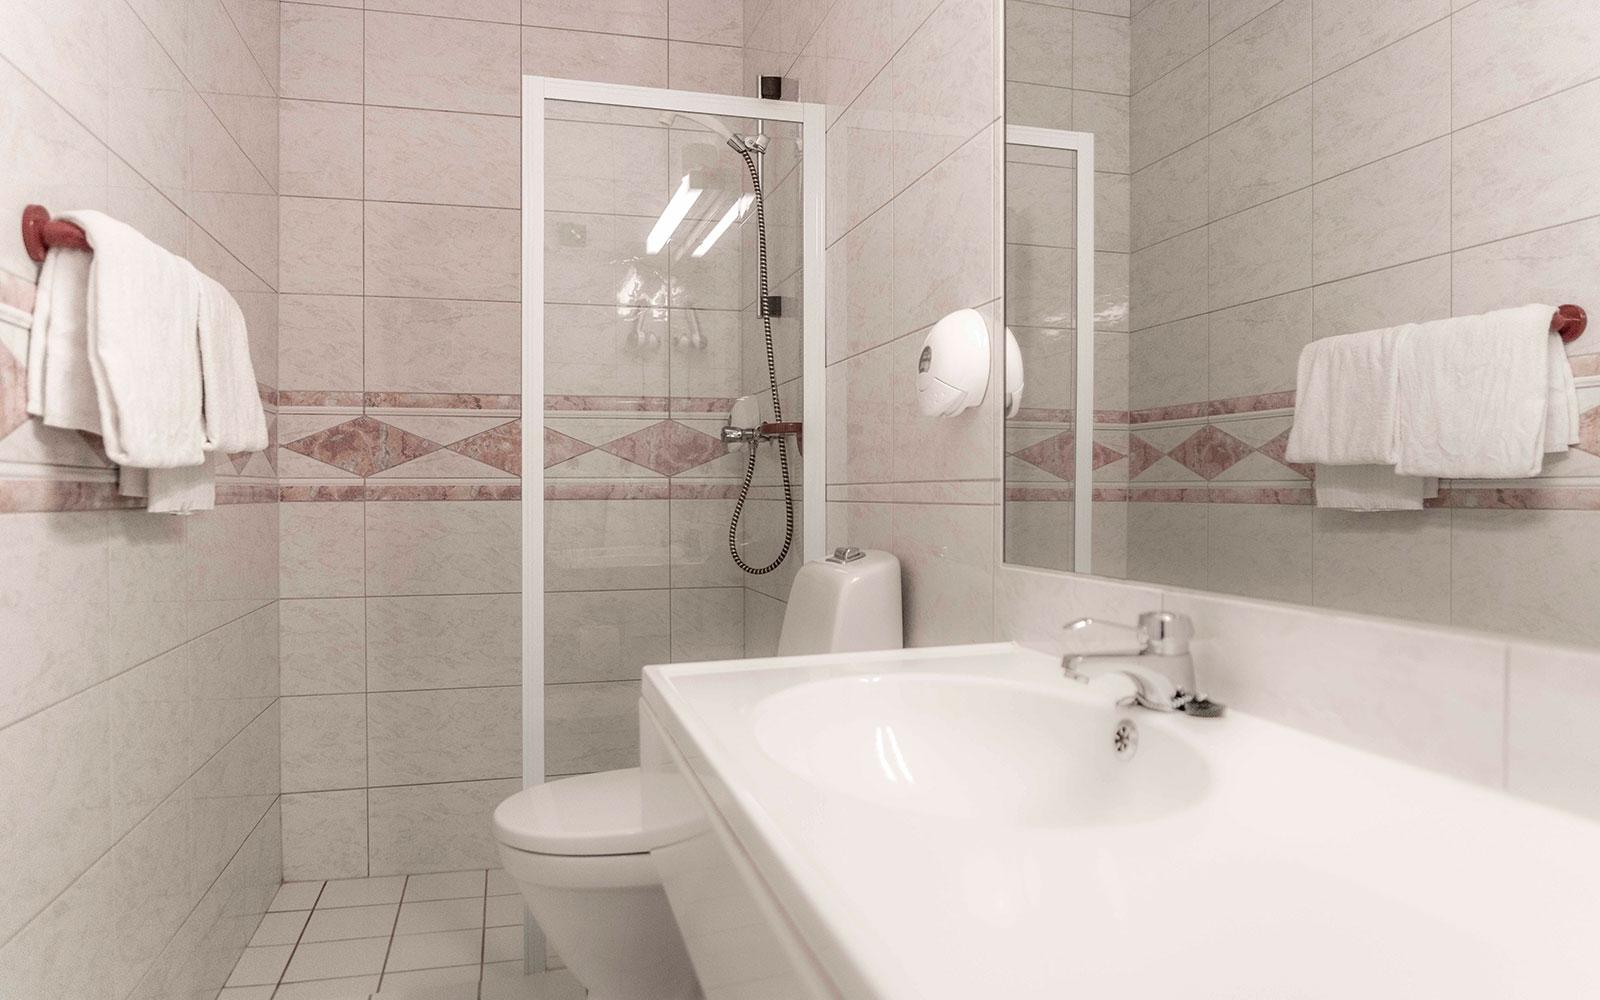 Melbu Hotell - standard dobbeltrom - bad med dusj og toalett